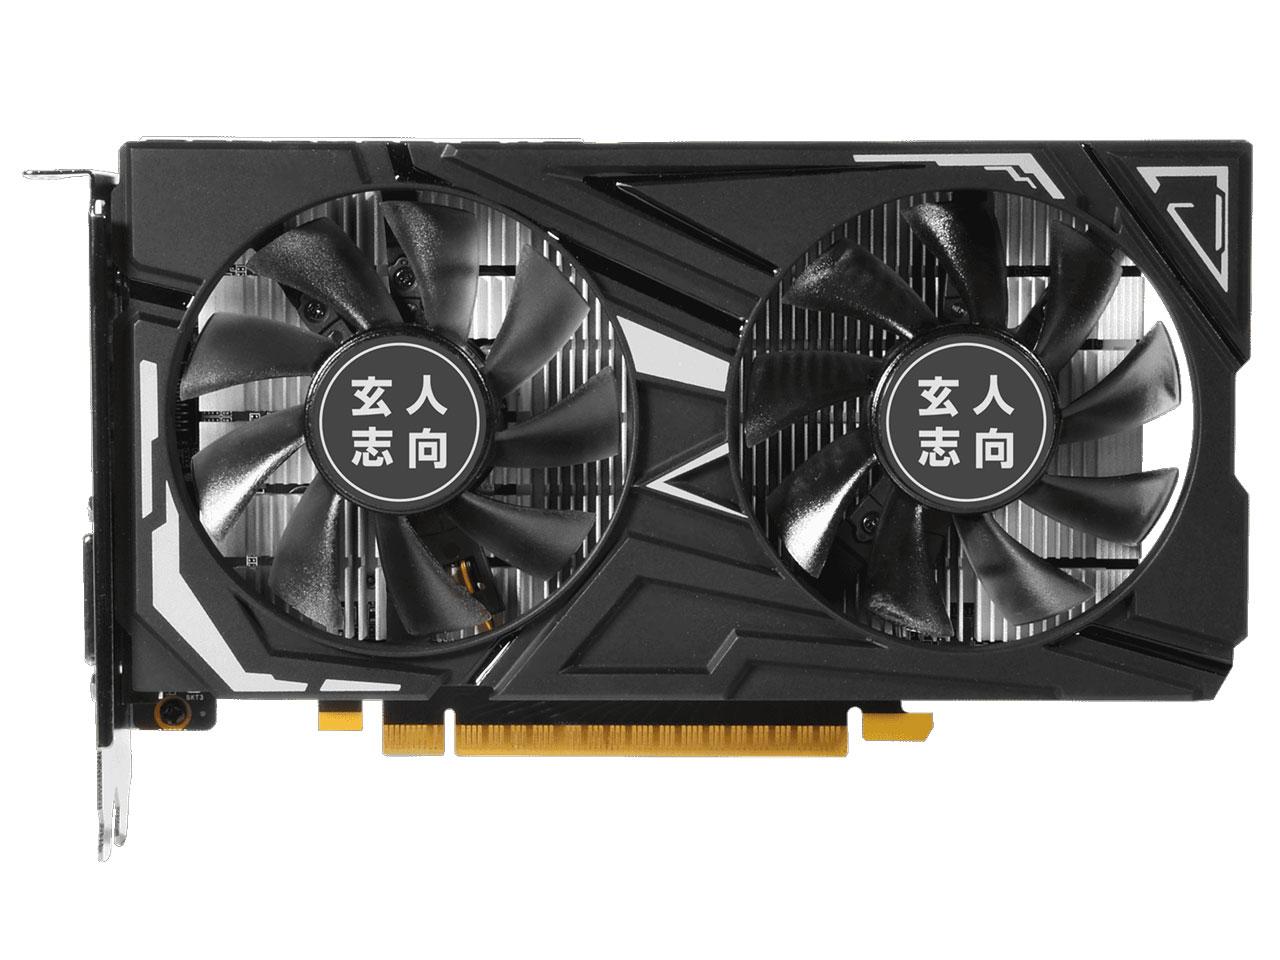 『本体1』 GF-GTX1650-E4GB/OC/DF [PCIExp 4GB] の製品画像